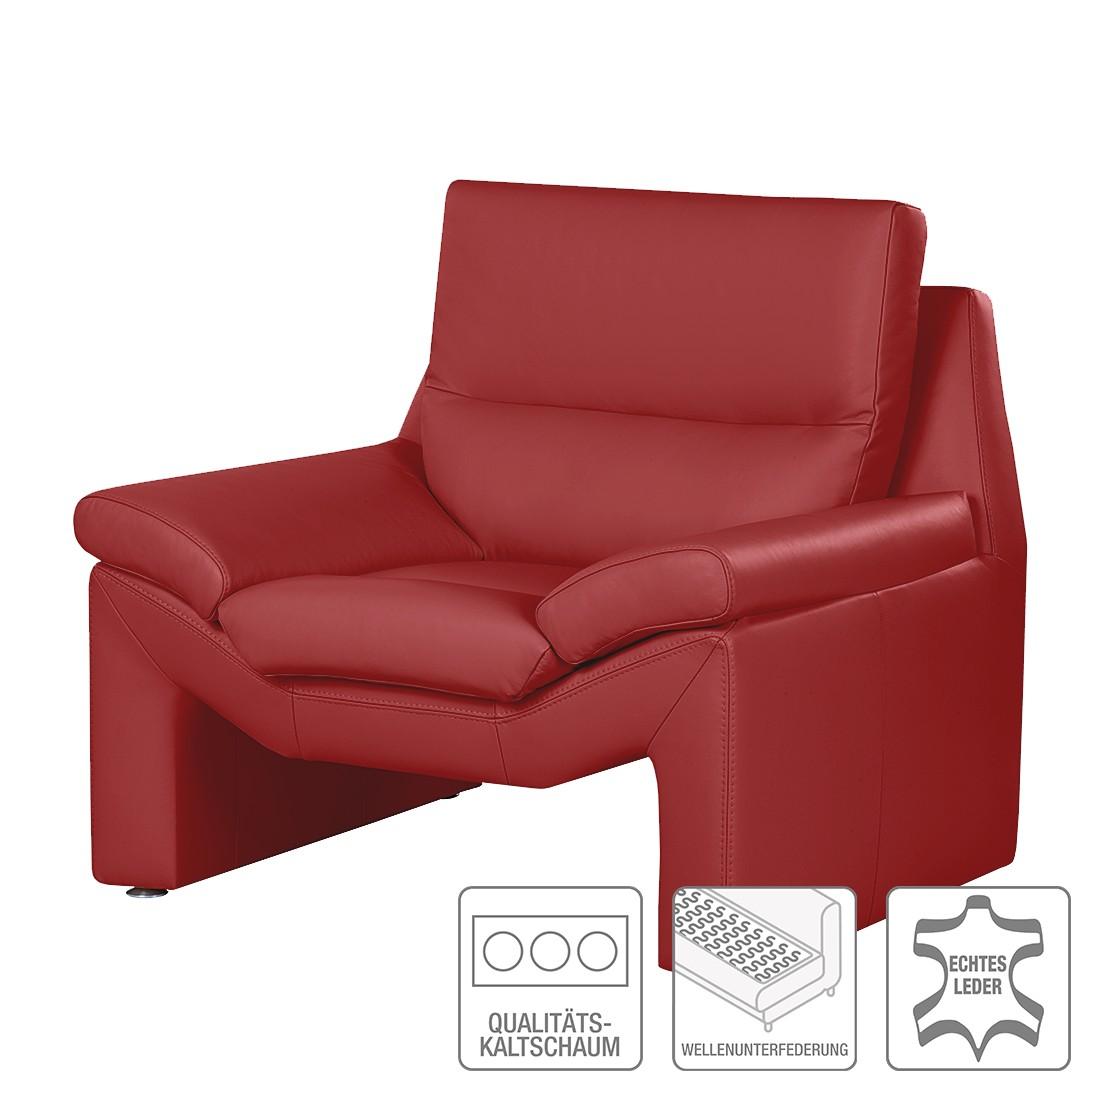 Sessel Longford - Echtleder Rot, Nuovoform